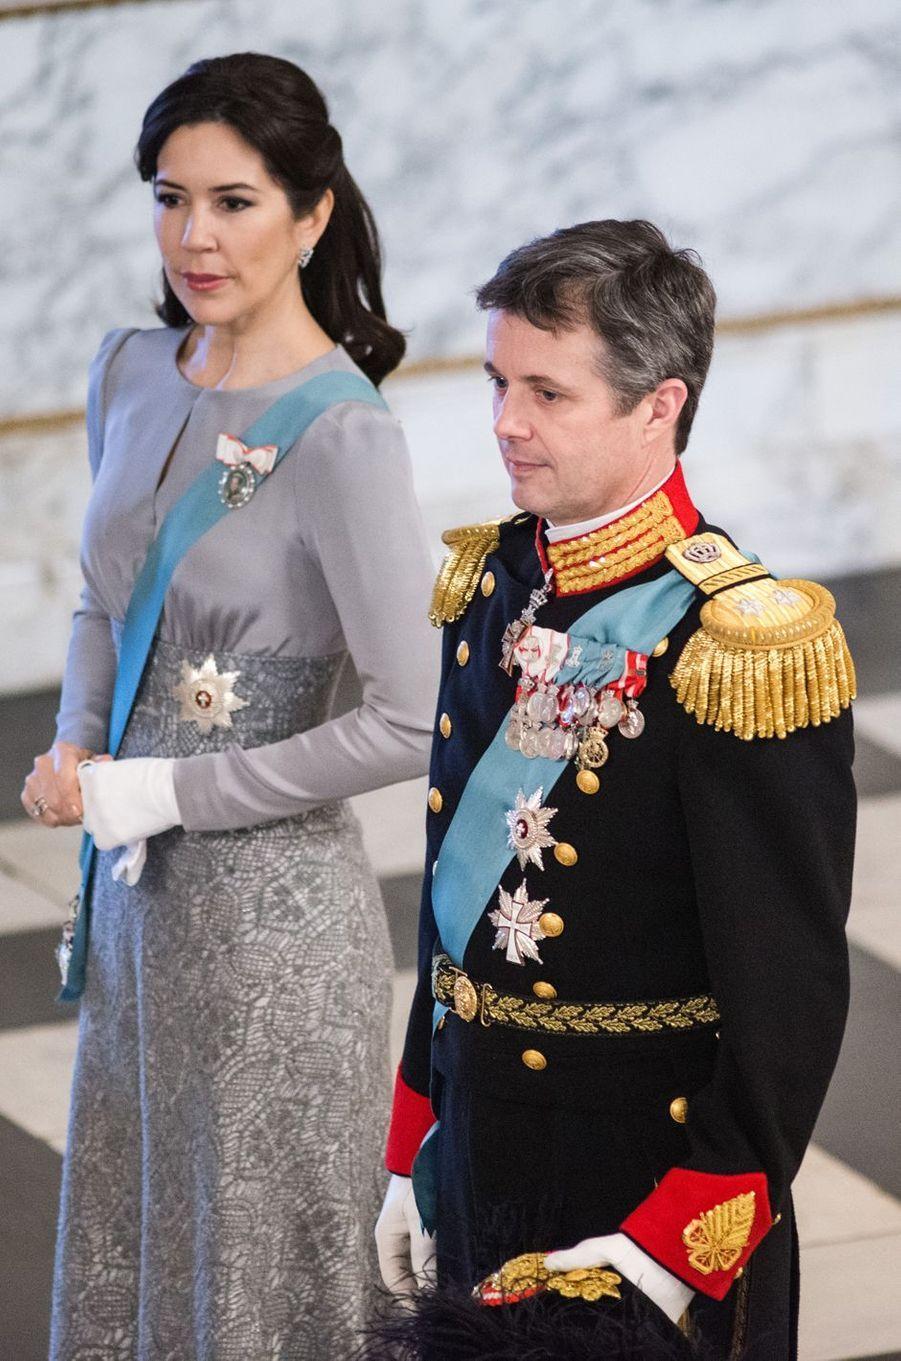 La plus attentive - Ce mardi 3 janvier, la princesse Mary de Danemark et son époux le prince héritier Frederik étaient aux côtés de la reine Margrethe II pour la traditionnelle réception des diplomates.